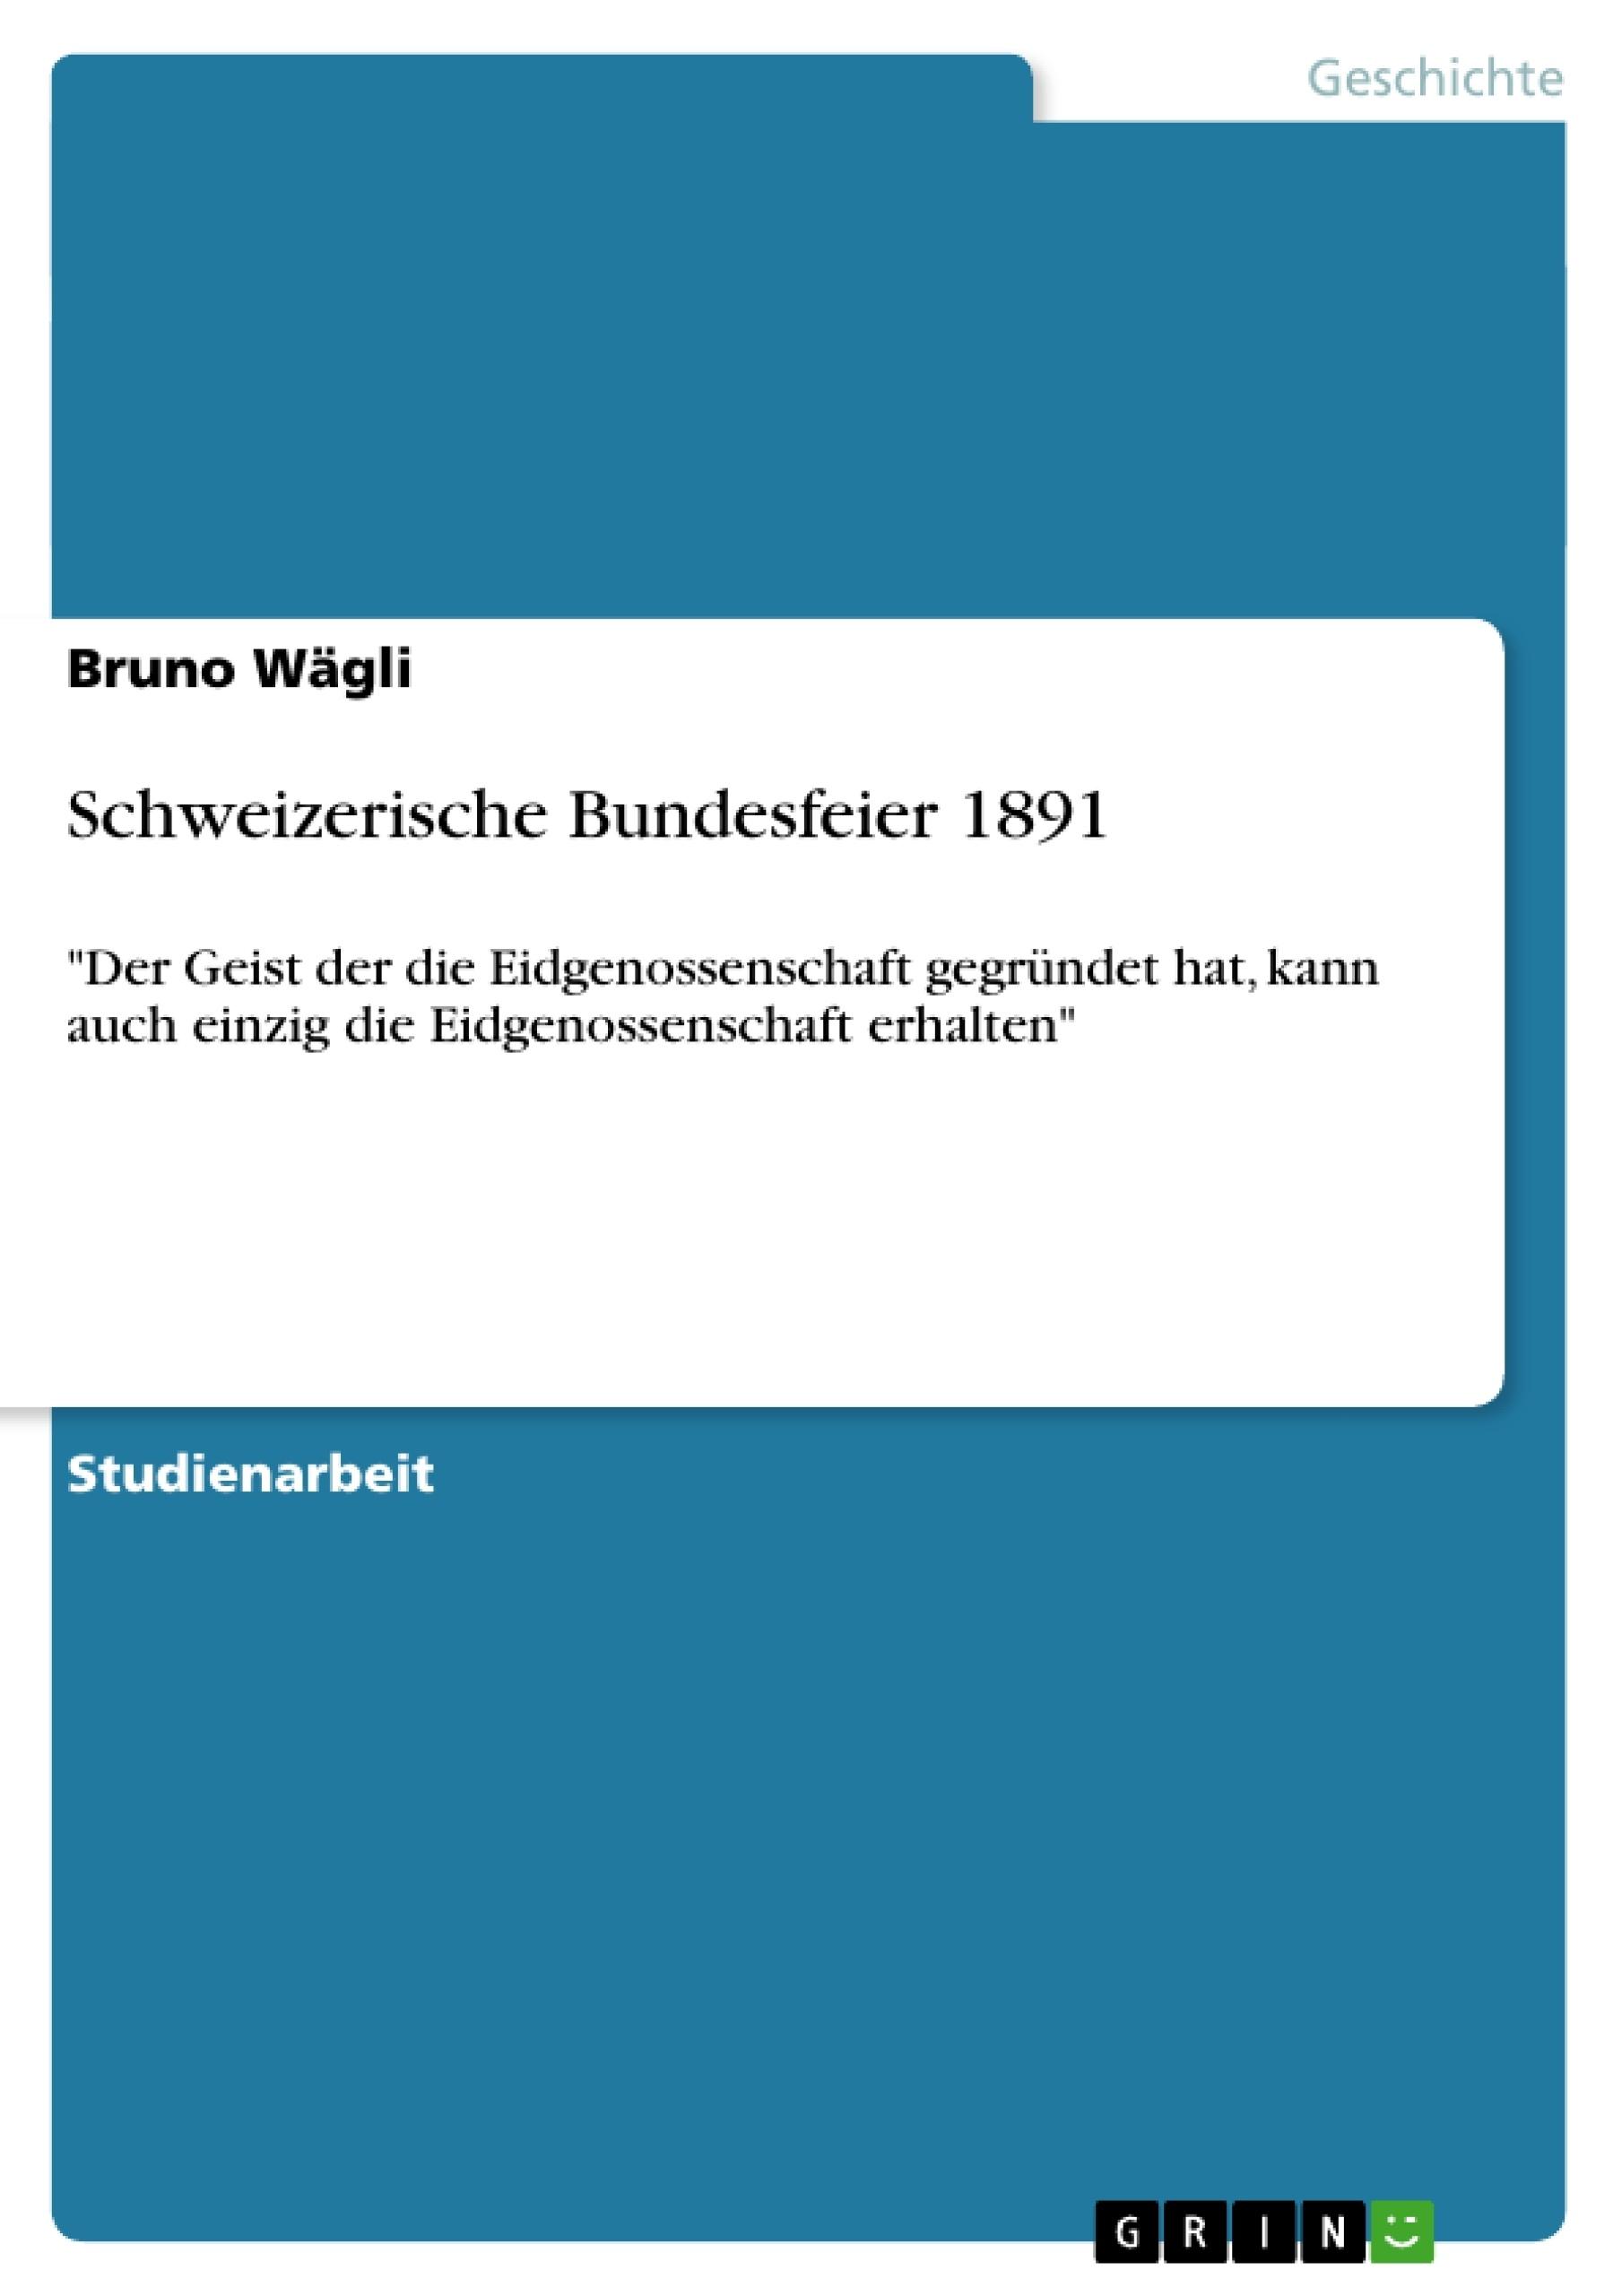 Titel: Schweizerische Bundesfeier 1891